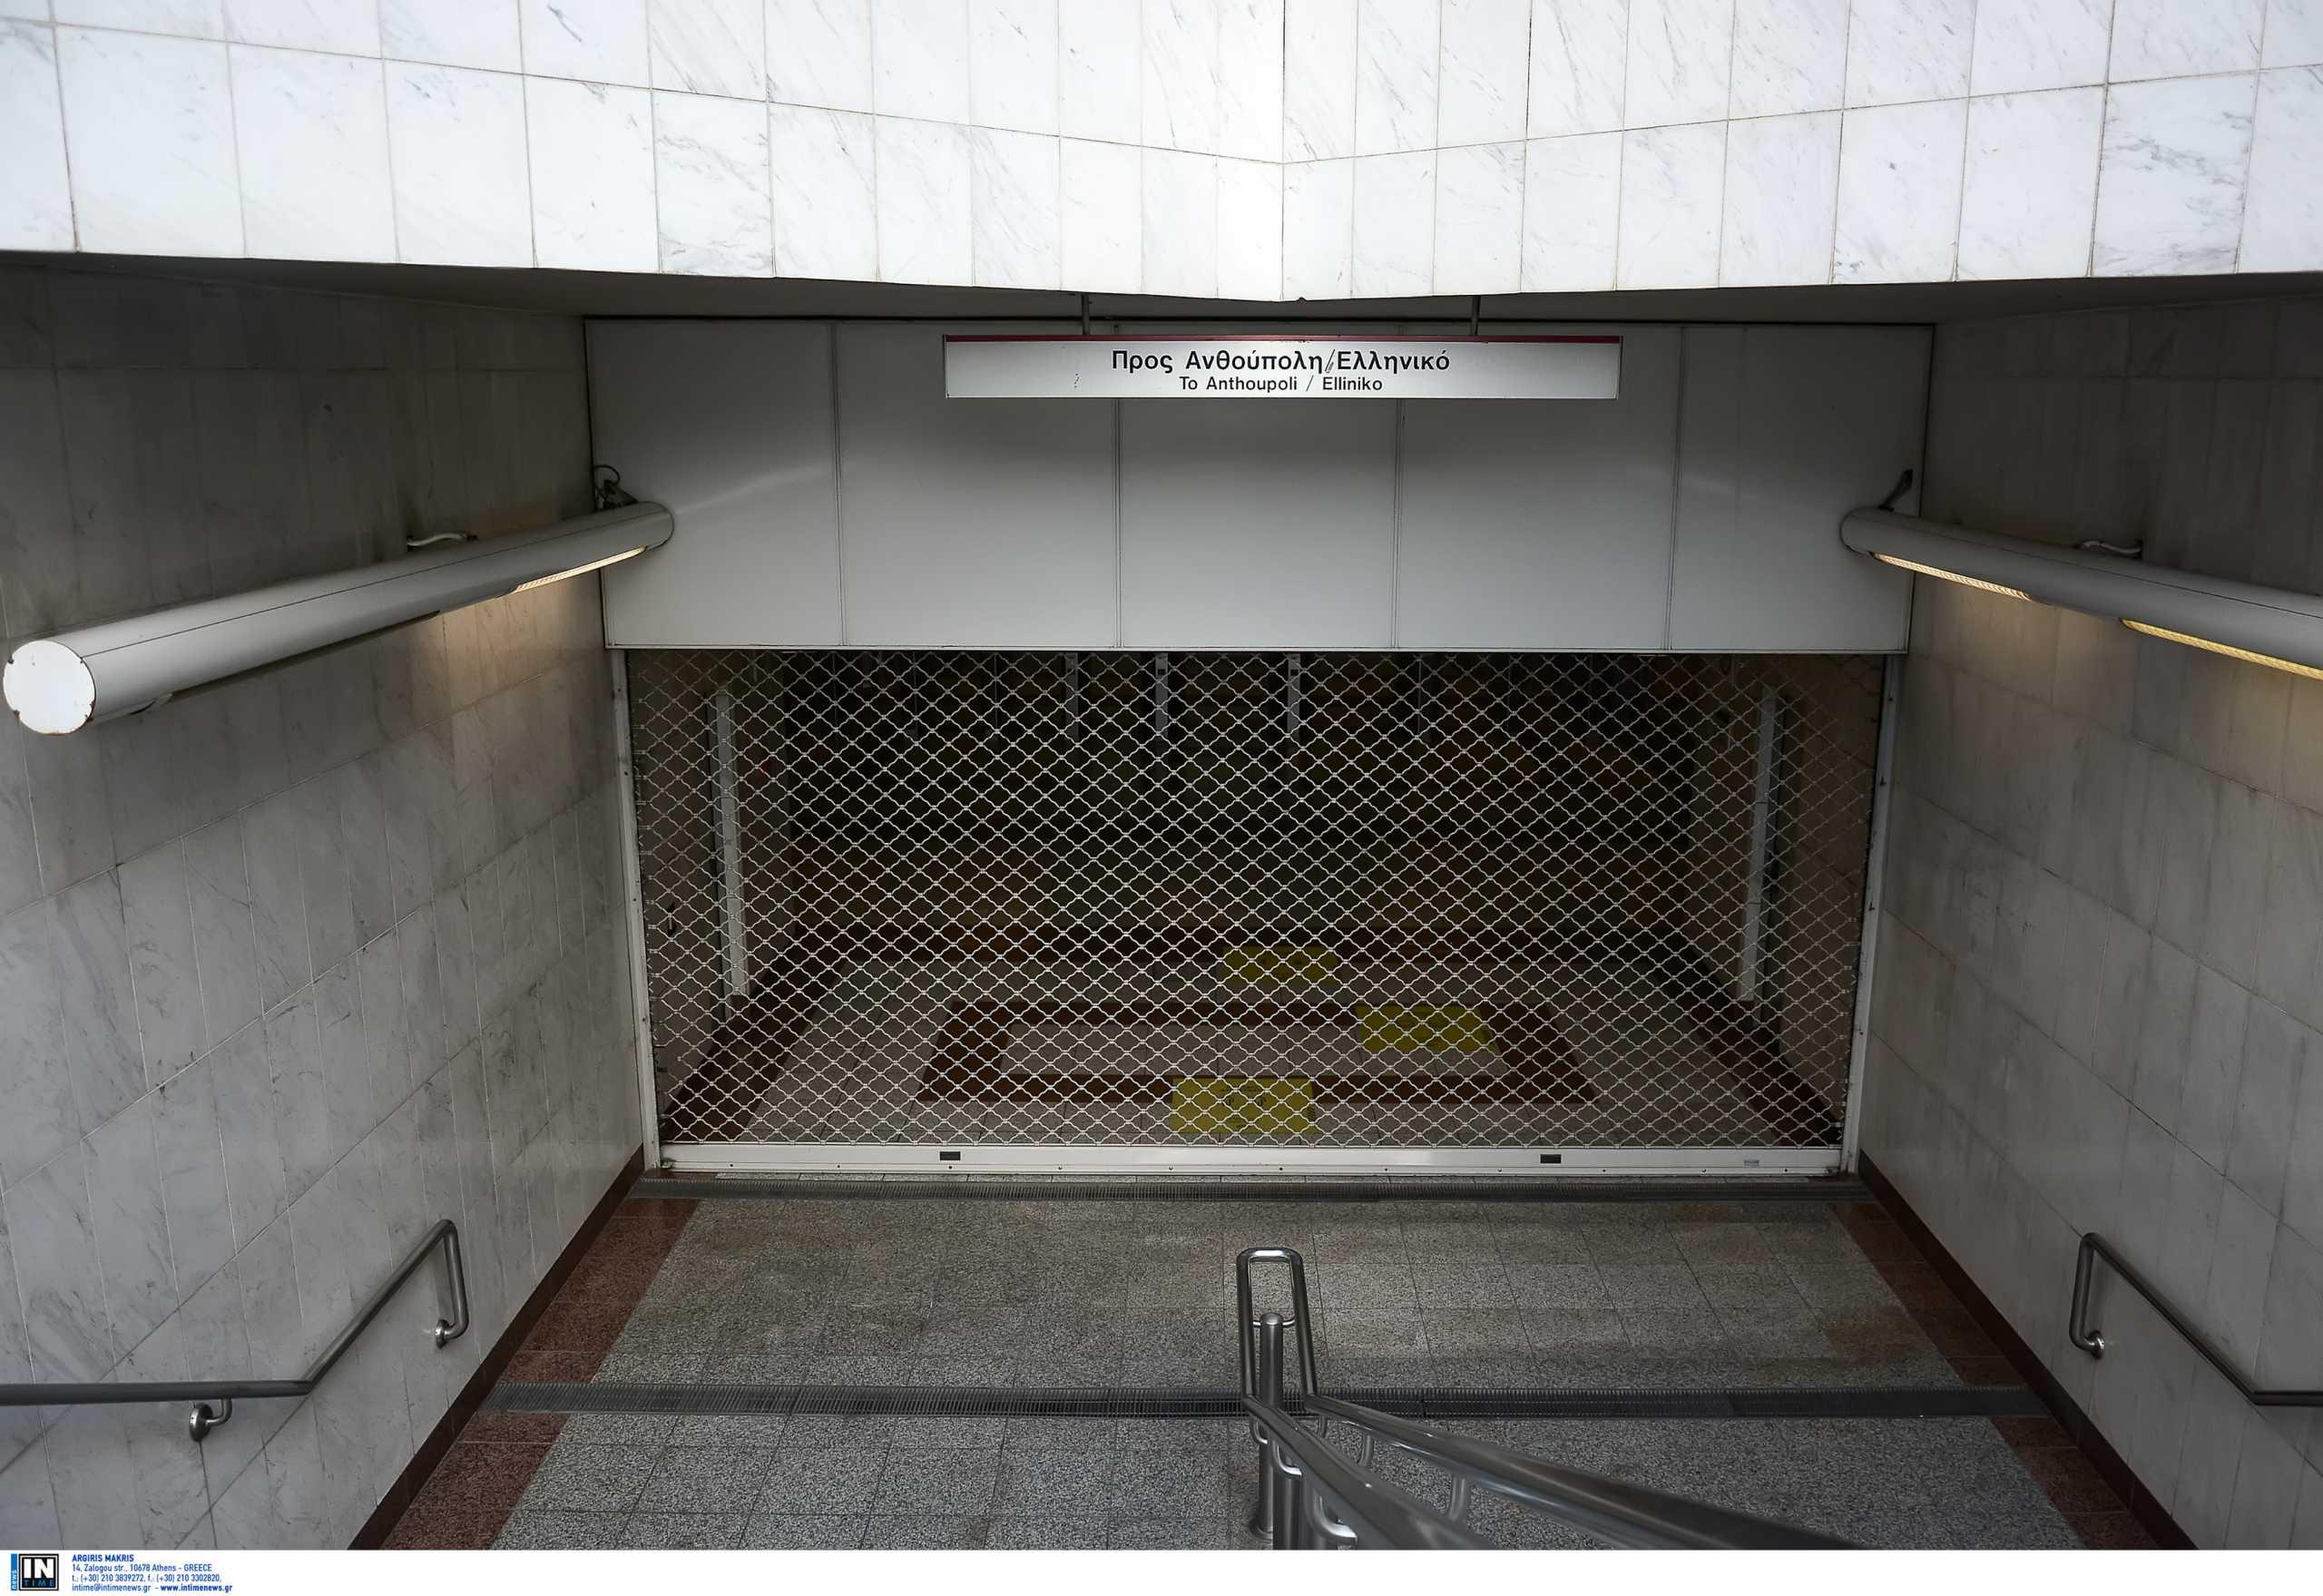 25η Μαρτίου: Ποιοι σταθμοί του Μετρό θα είναι κλειστοί – Τι θα συμβεί με το τραμ